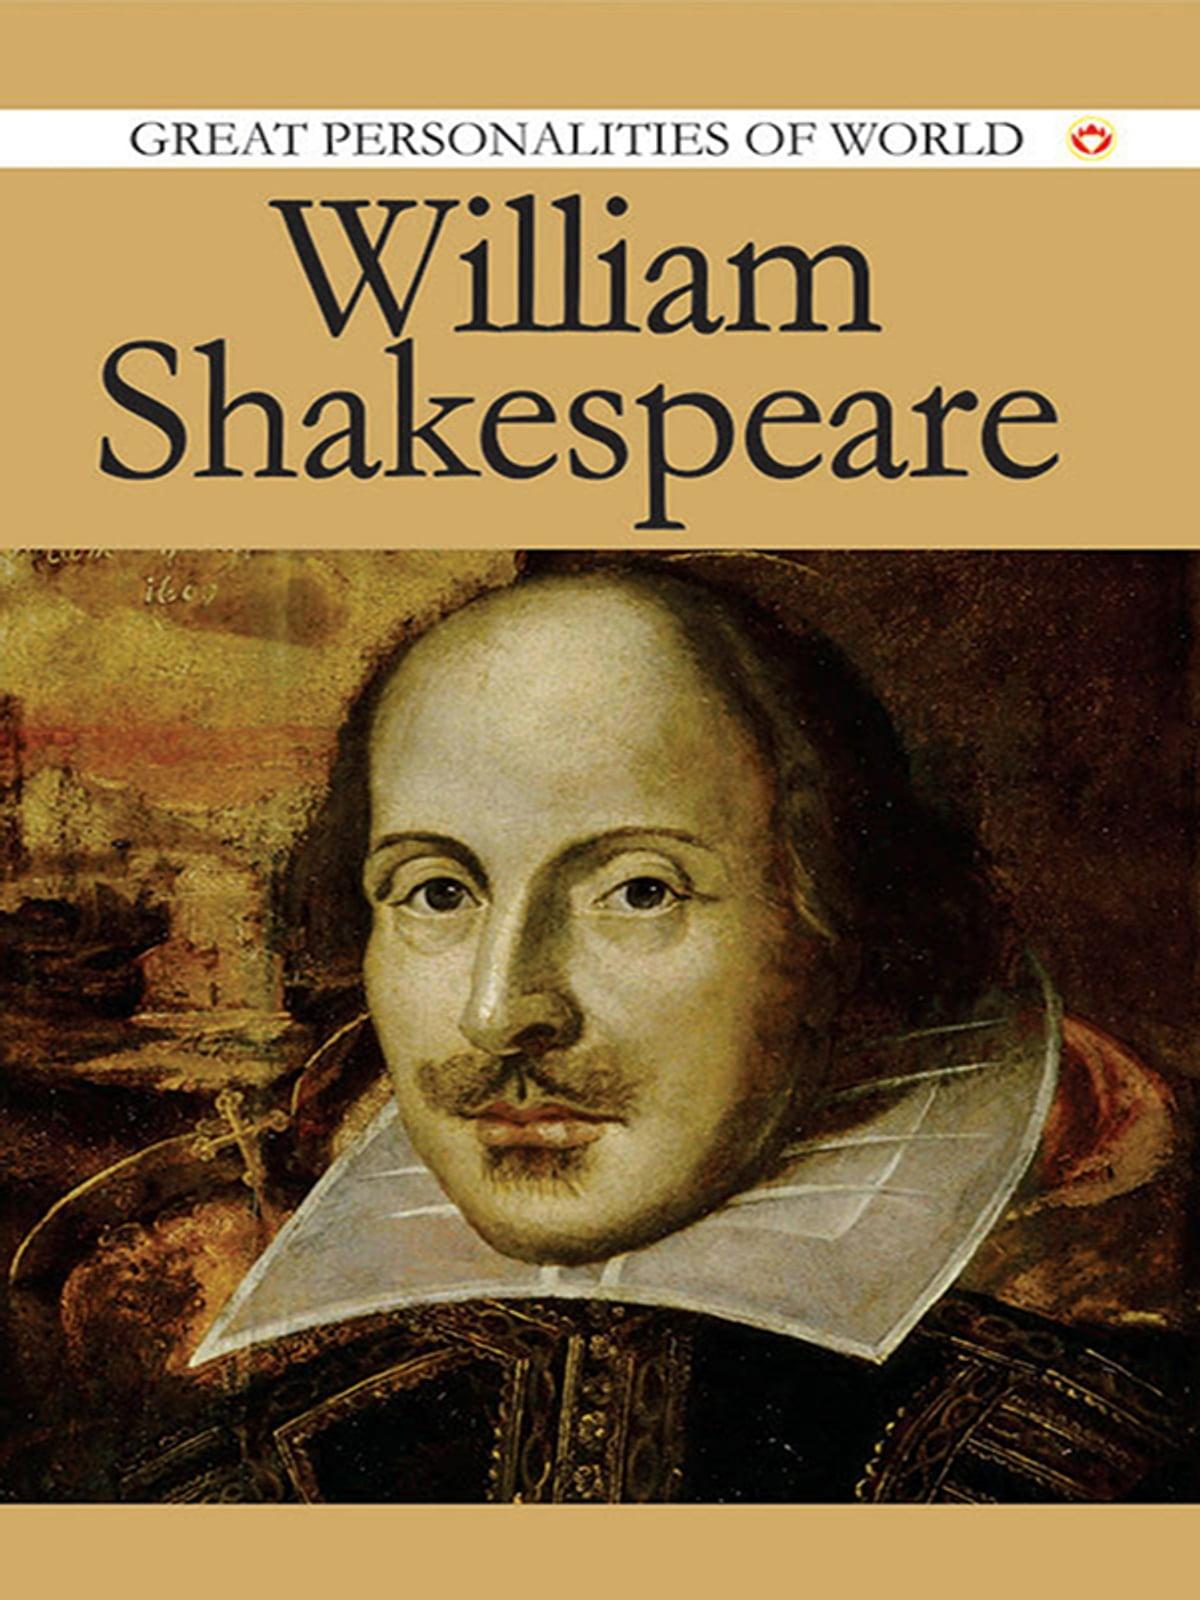 William Shakespeare Ebook By Swati Upadhye